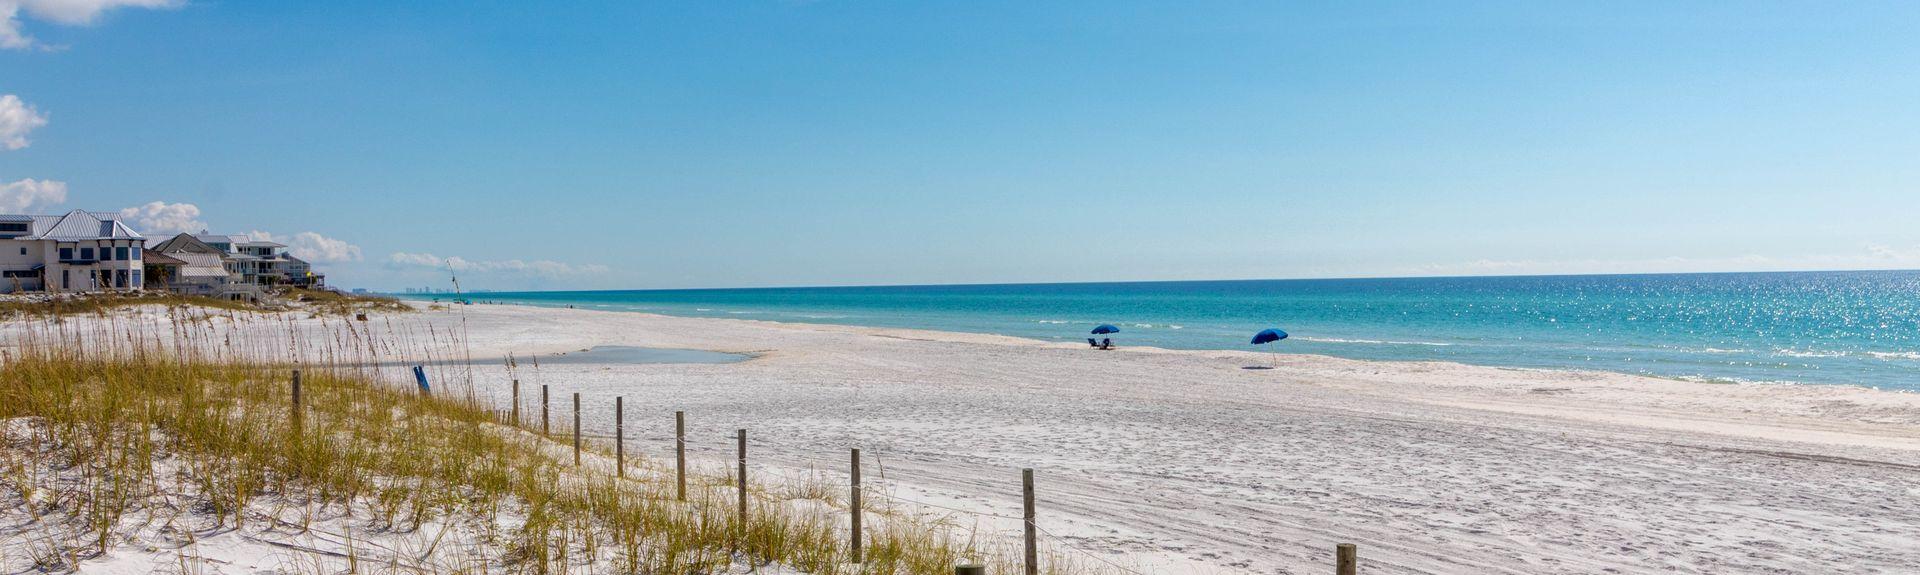 Commodore's Retreat (Santa Rosa Beach, Florida, Stati Uniti d'America)